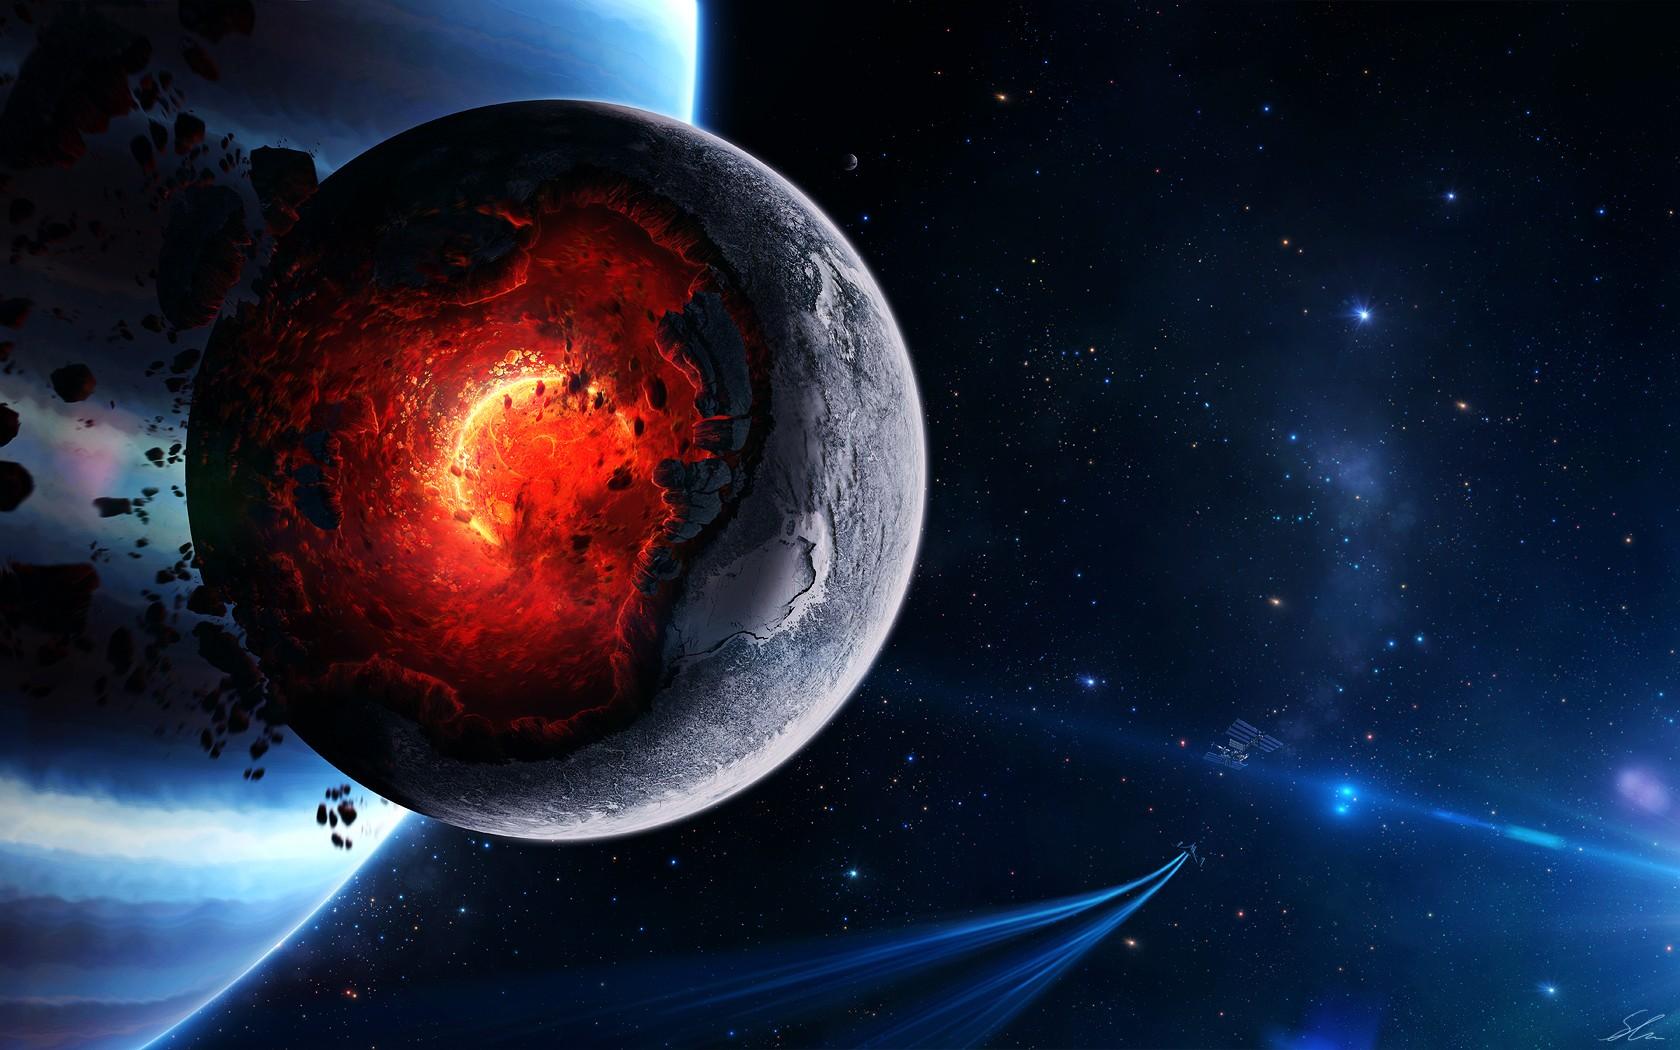 デスクトップ壁紙 惑星 スペース アートワーク Sf 世界 闇